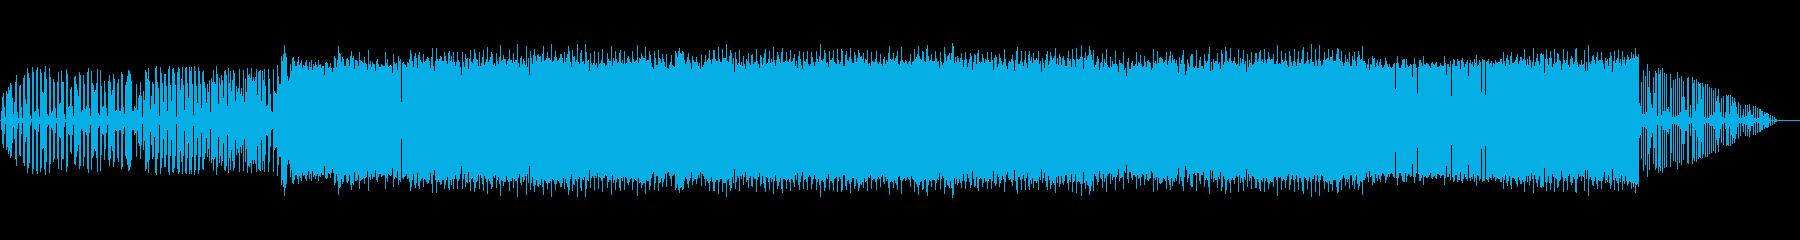 ホラーな感じの四つ打ちの再生済みの波形